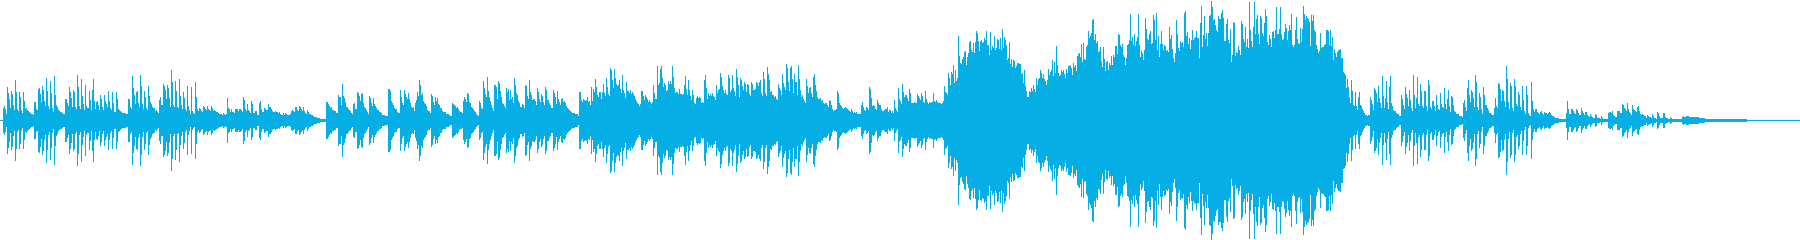 結婚式や感動シーンや映像用バラードの再生済みの波形